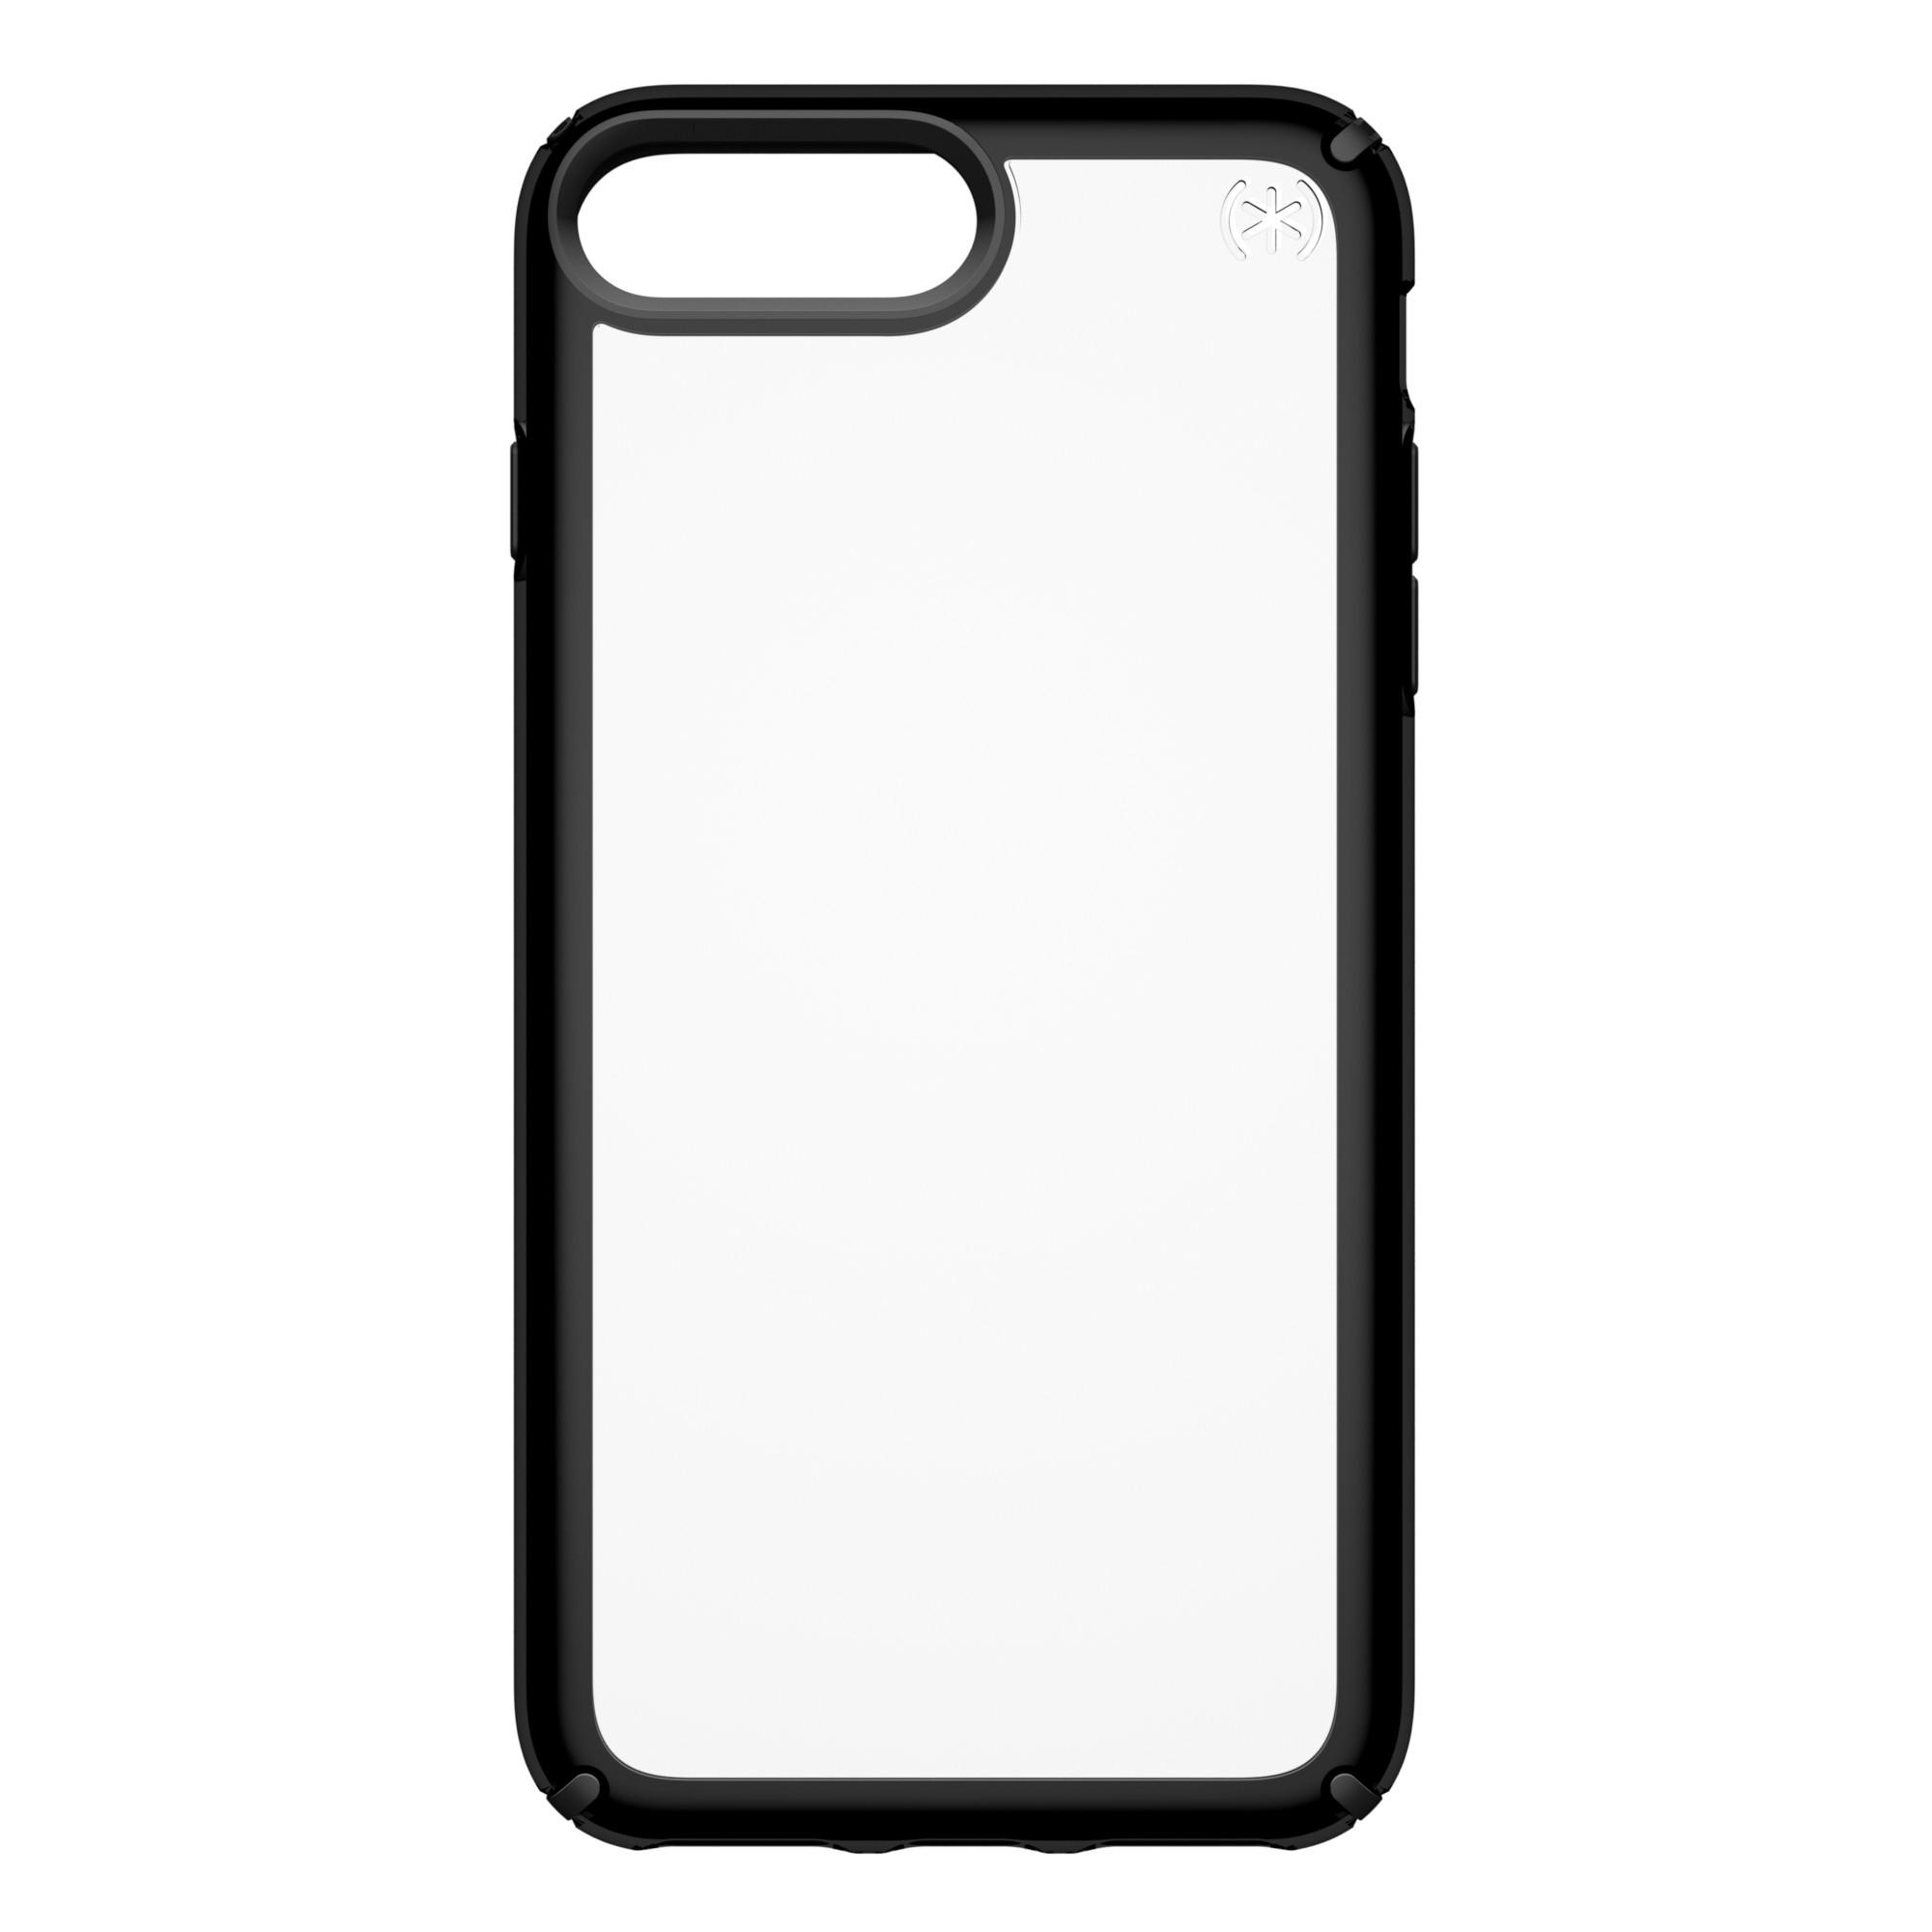 Speck Iphone 8 Plus 7 Plus 6s Plus 6 Plus Case Presidio Show Clear Black Phone Cases Iphone 6s Cute Iphone 7 Cases Black Iphone Cases